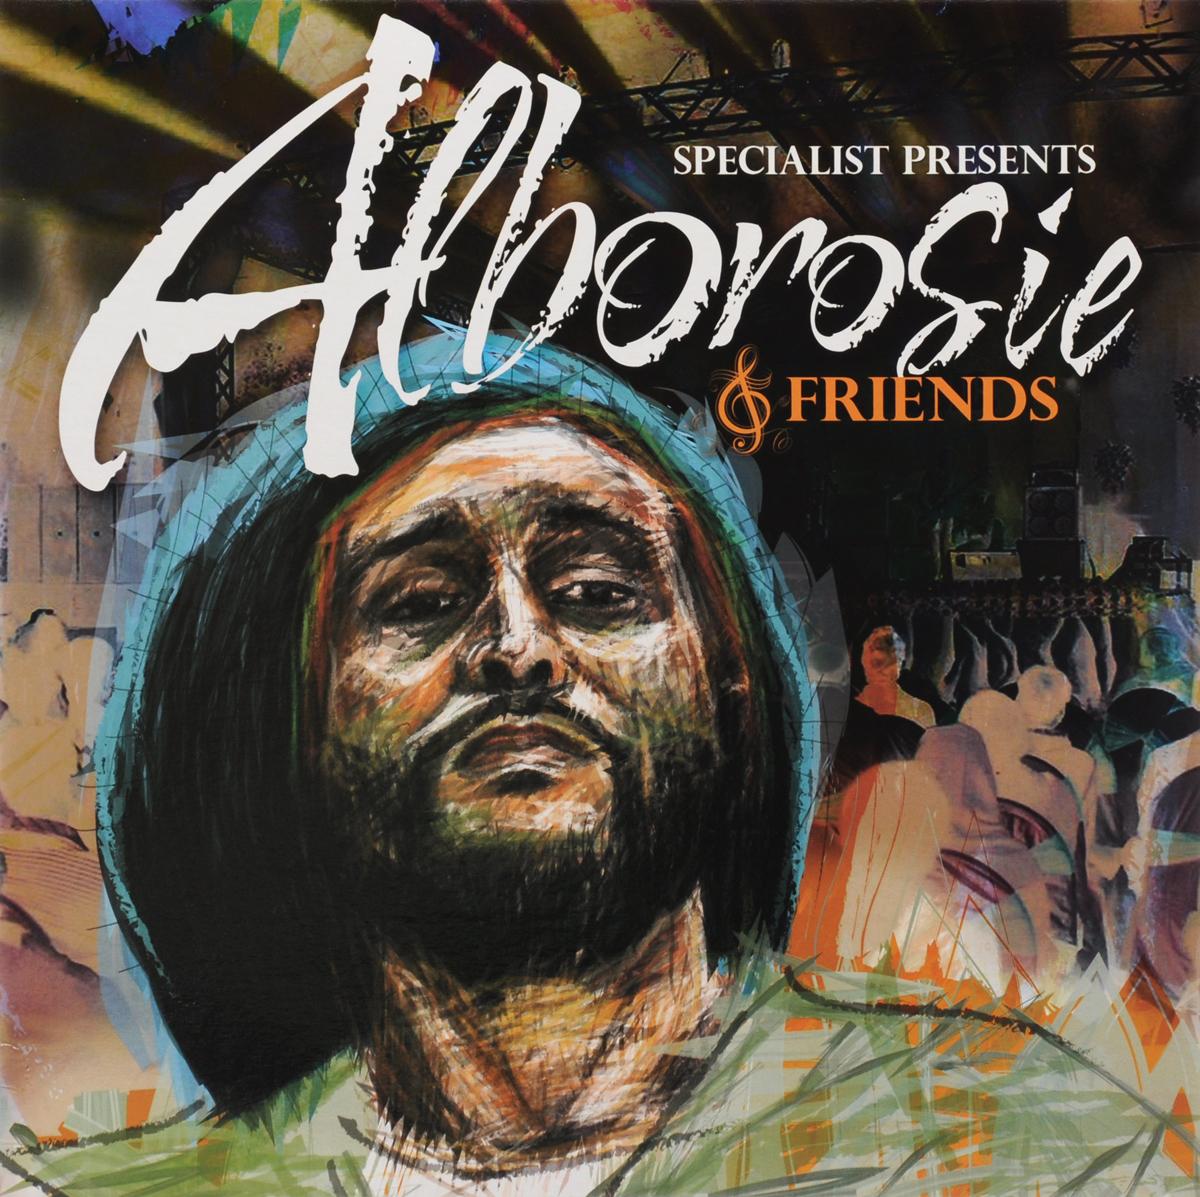 Alborosie,Black Uhuru,Кай-Мани Марли,Luciano,Жан Кюрэ,Gentleman Alborosie. Specialist Presents. Alborosie And Friends (LP) arsene lupin gentleman cambrioleur